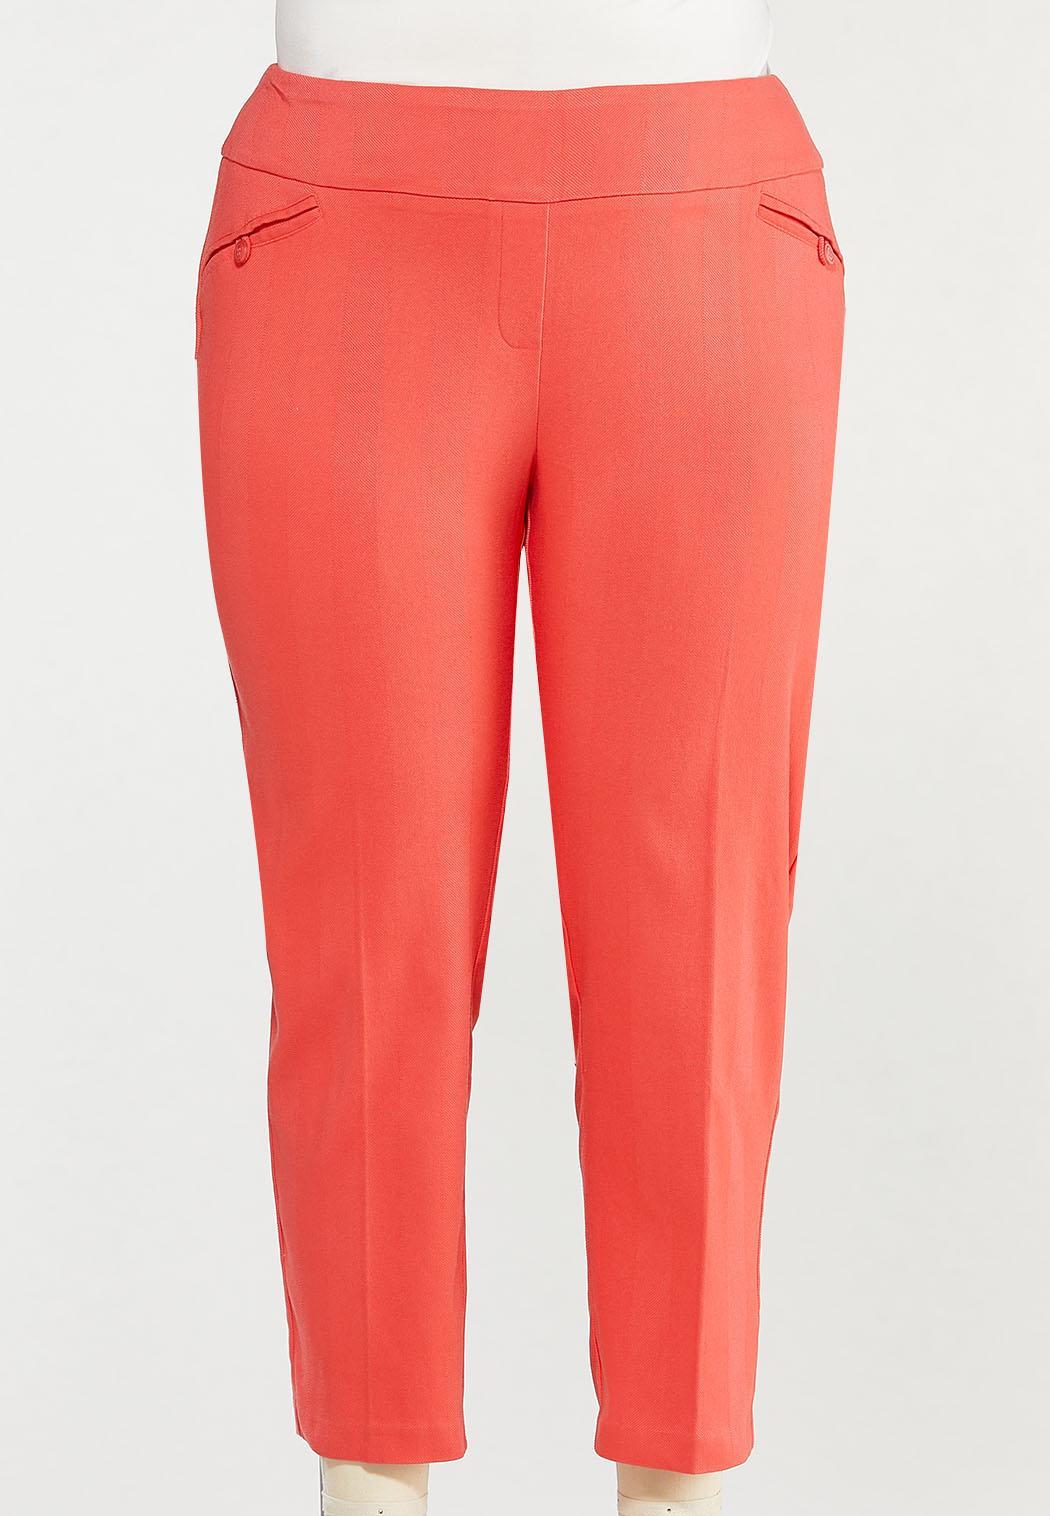 Plus Size Spice Coral Bengaline Pants